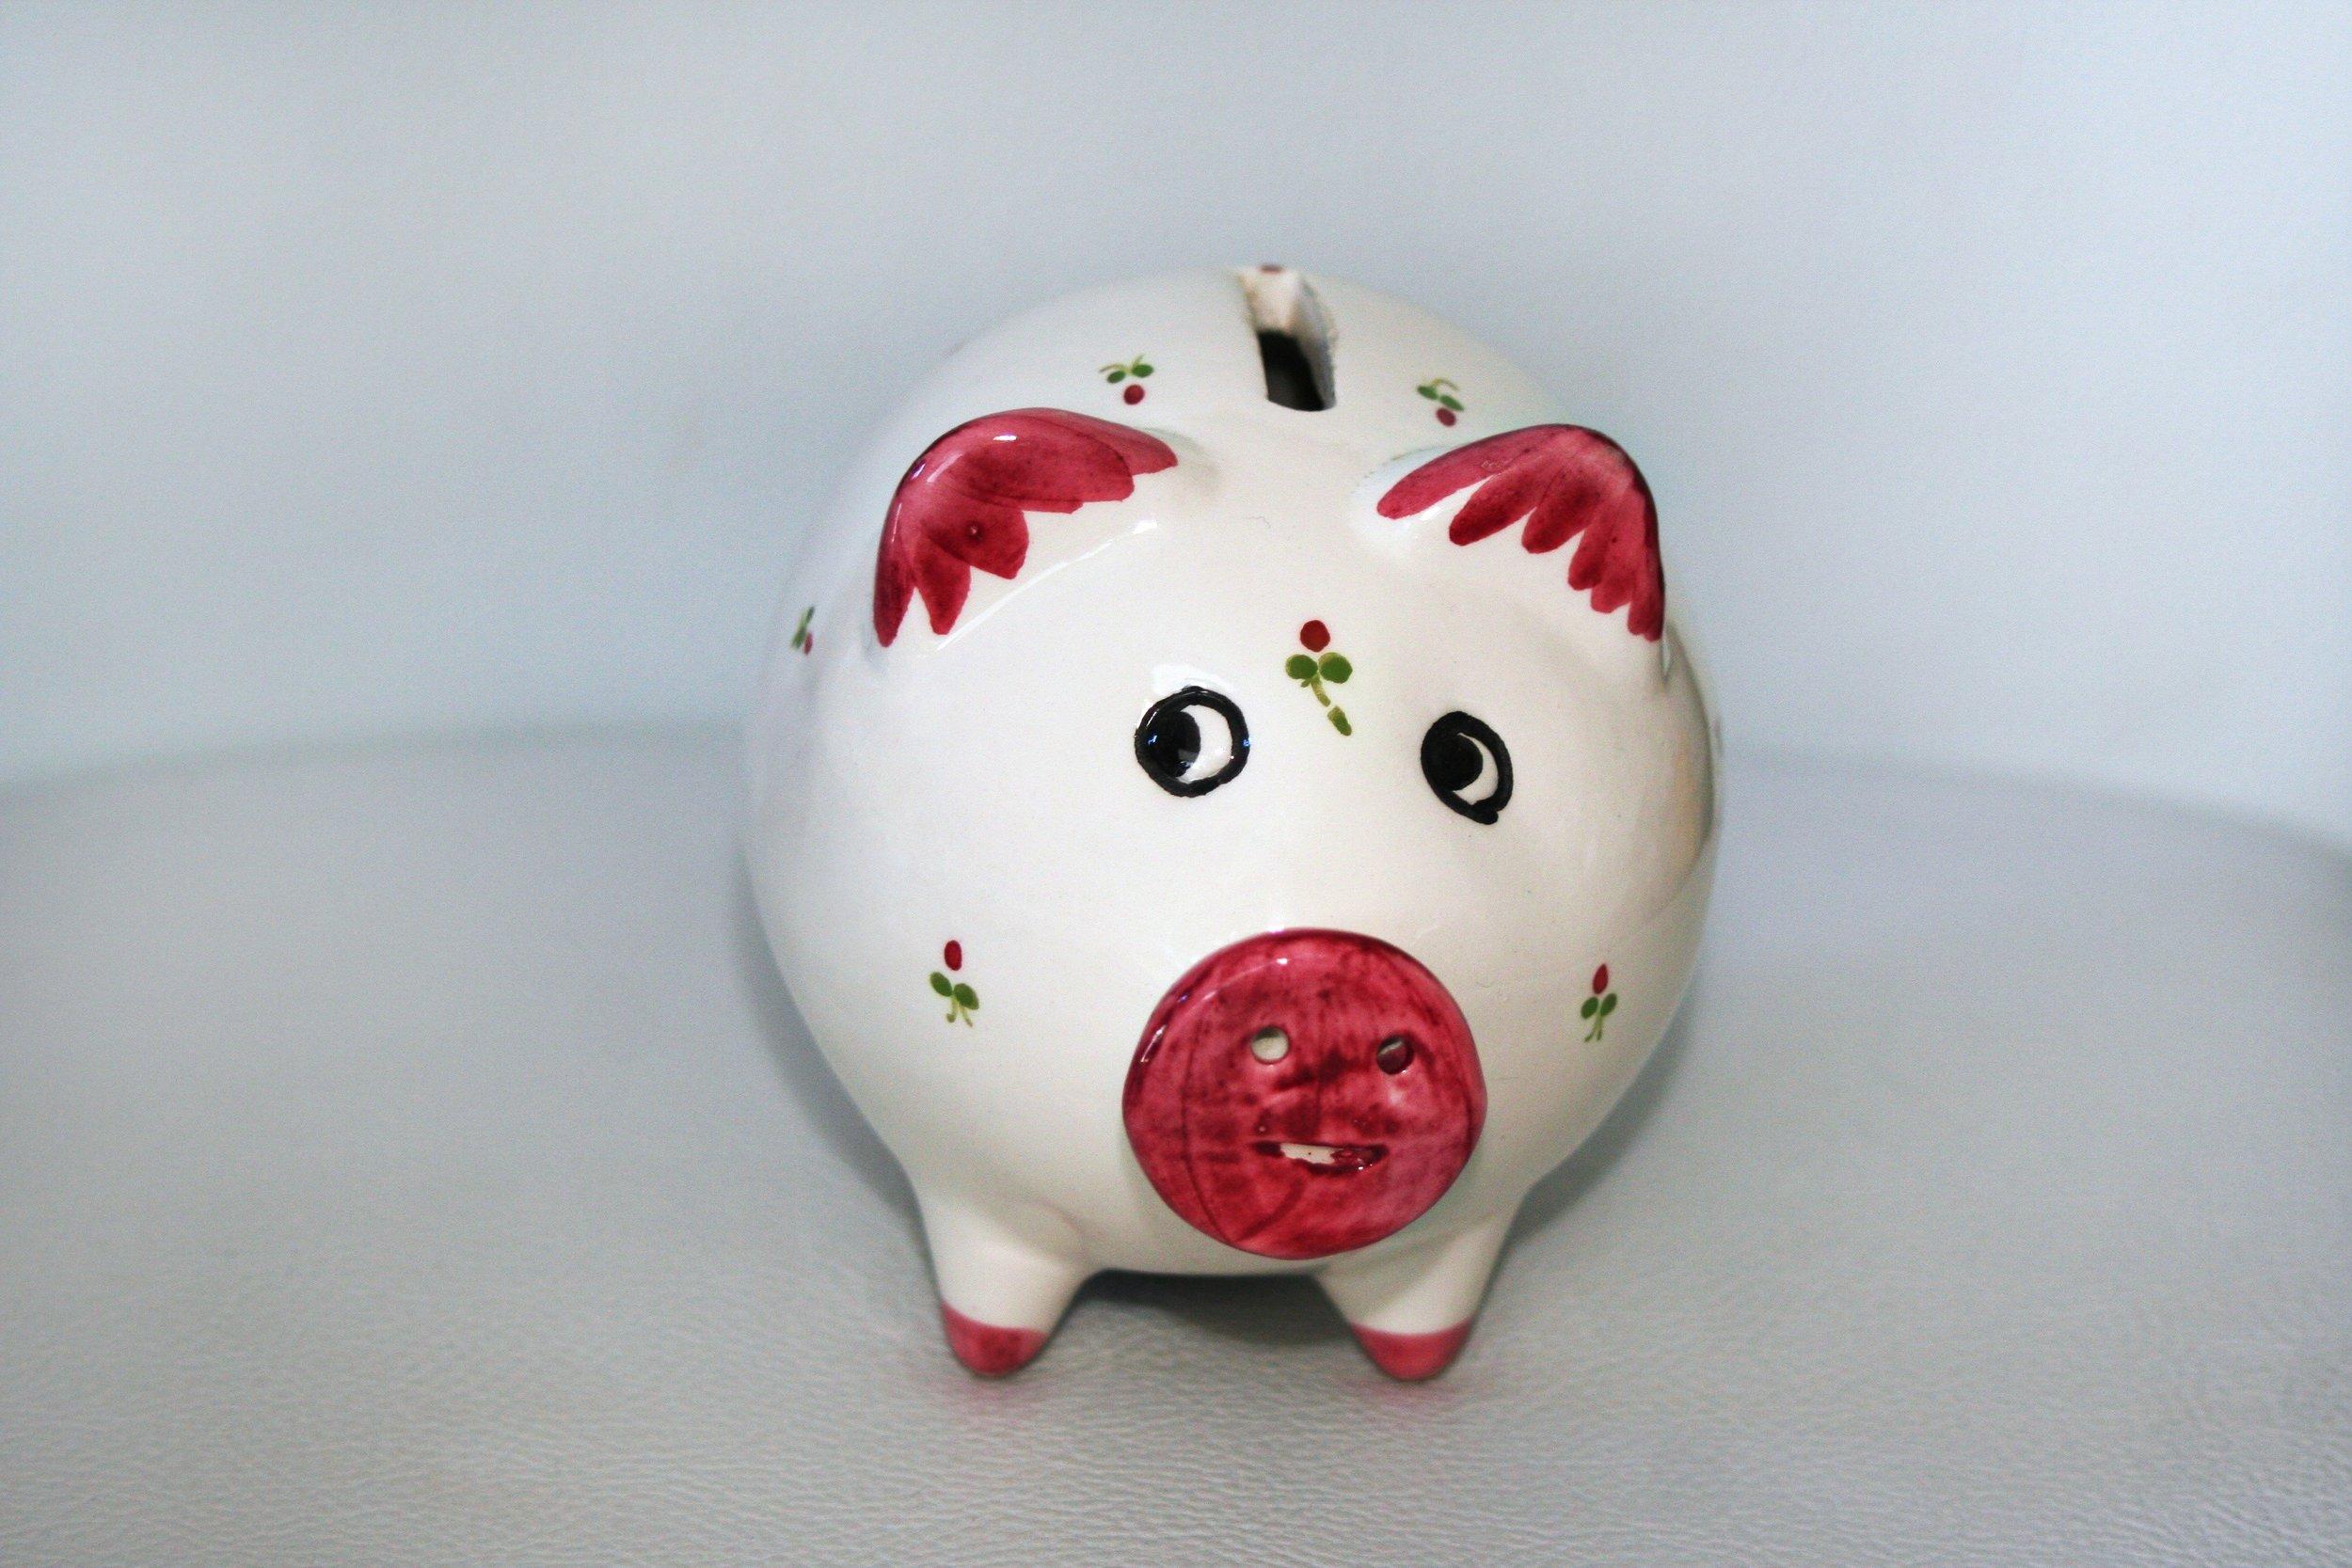 piggy-bank-967180.jpg